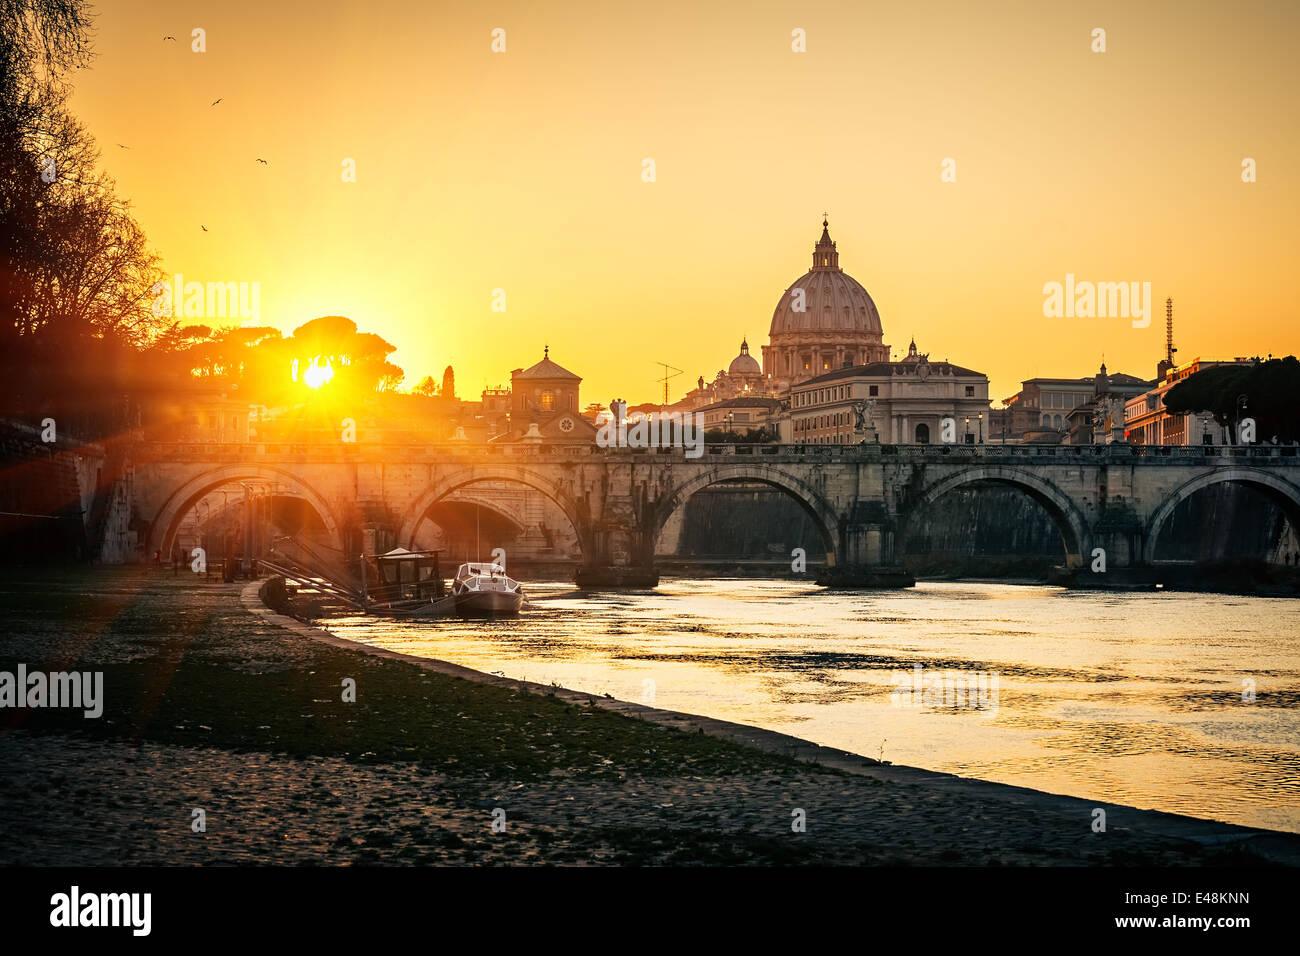 La cattedrale di san Pietro al tramonto, Roma Immagini Stock